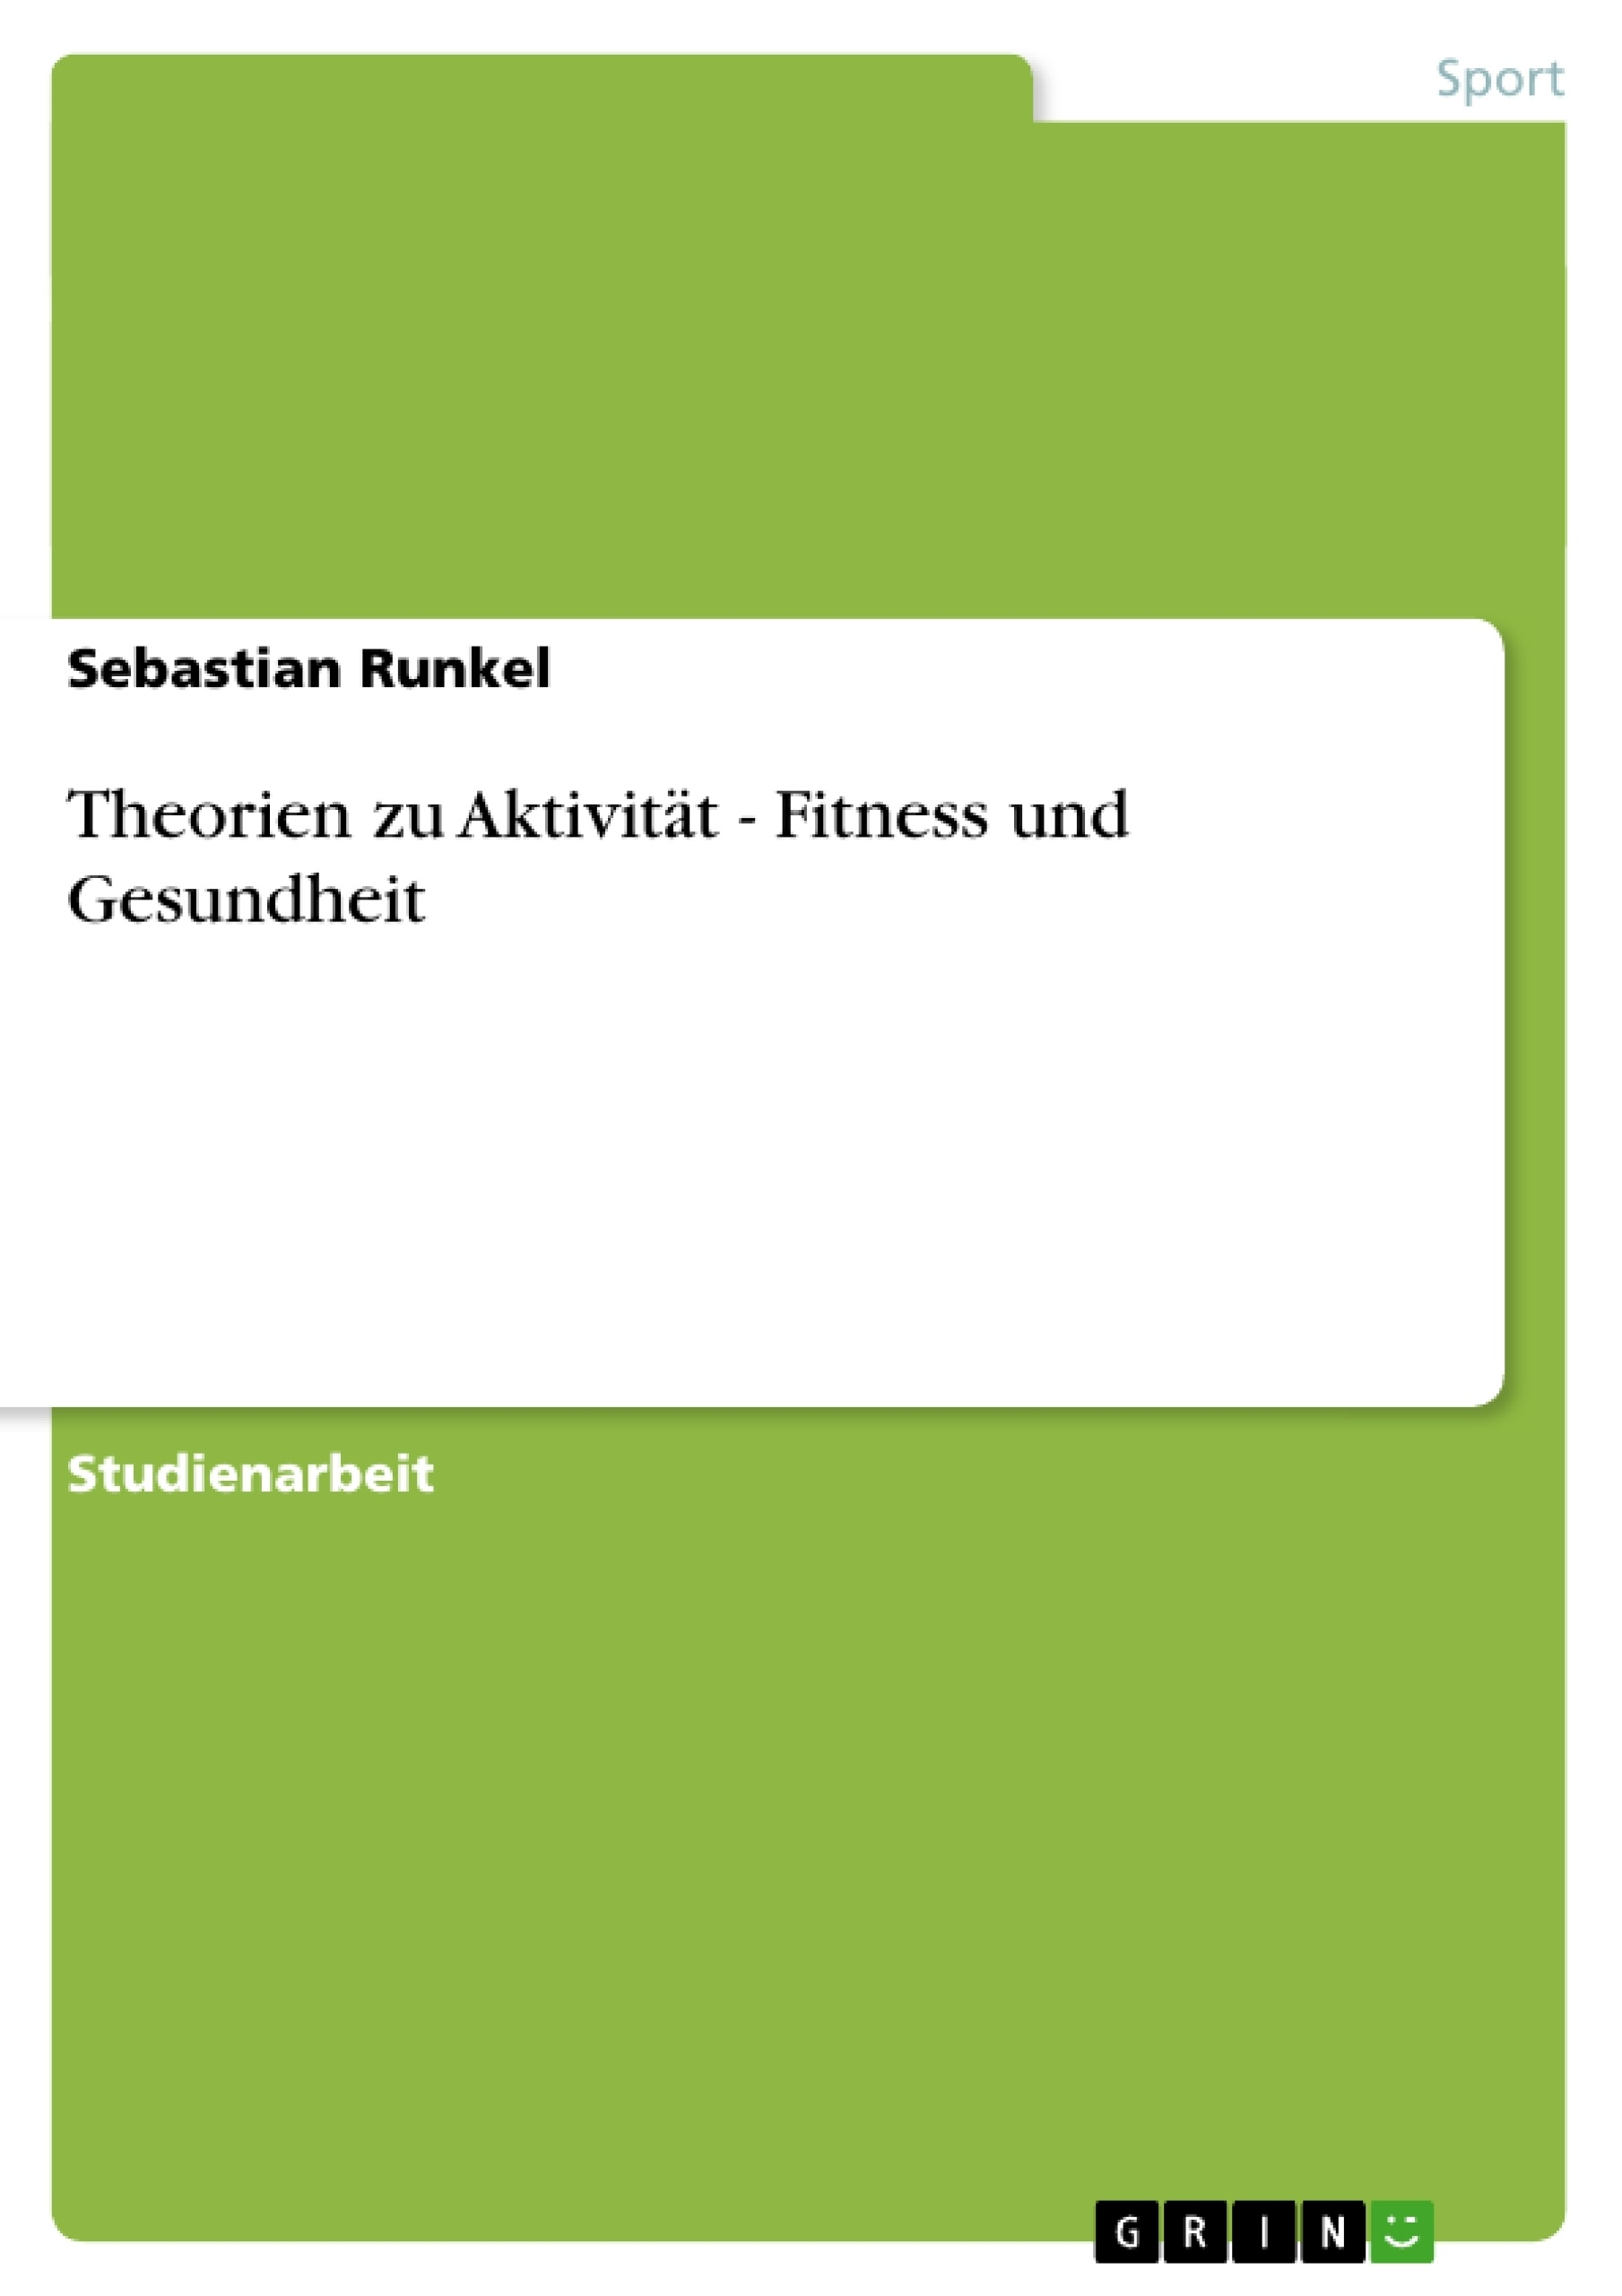 Titel: Theorien zu Aktivität - Fitness und Gesundheit